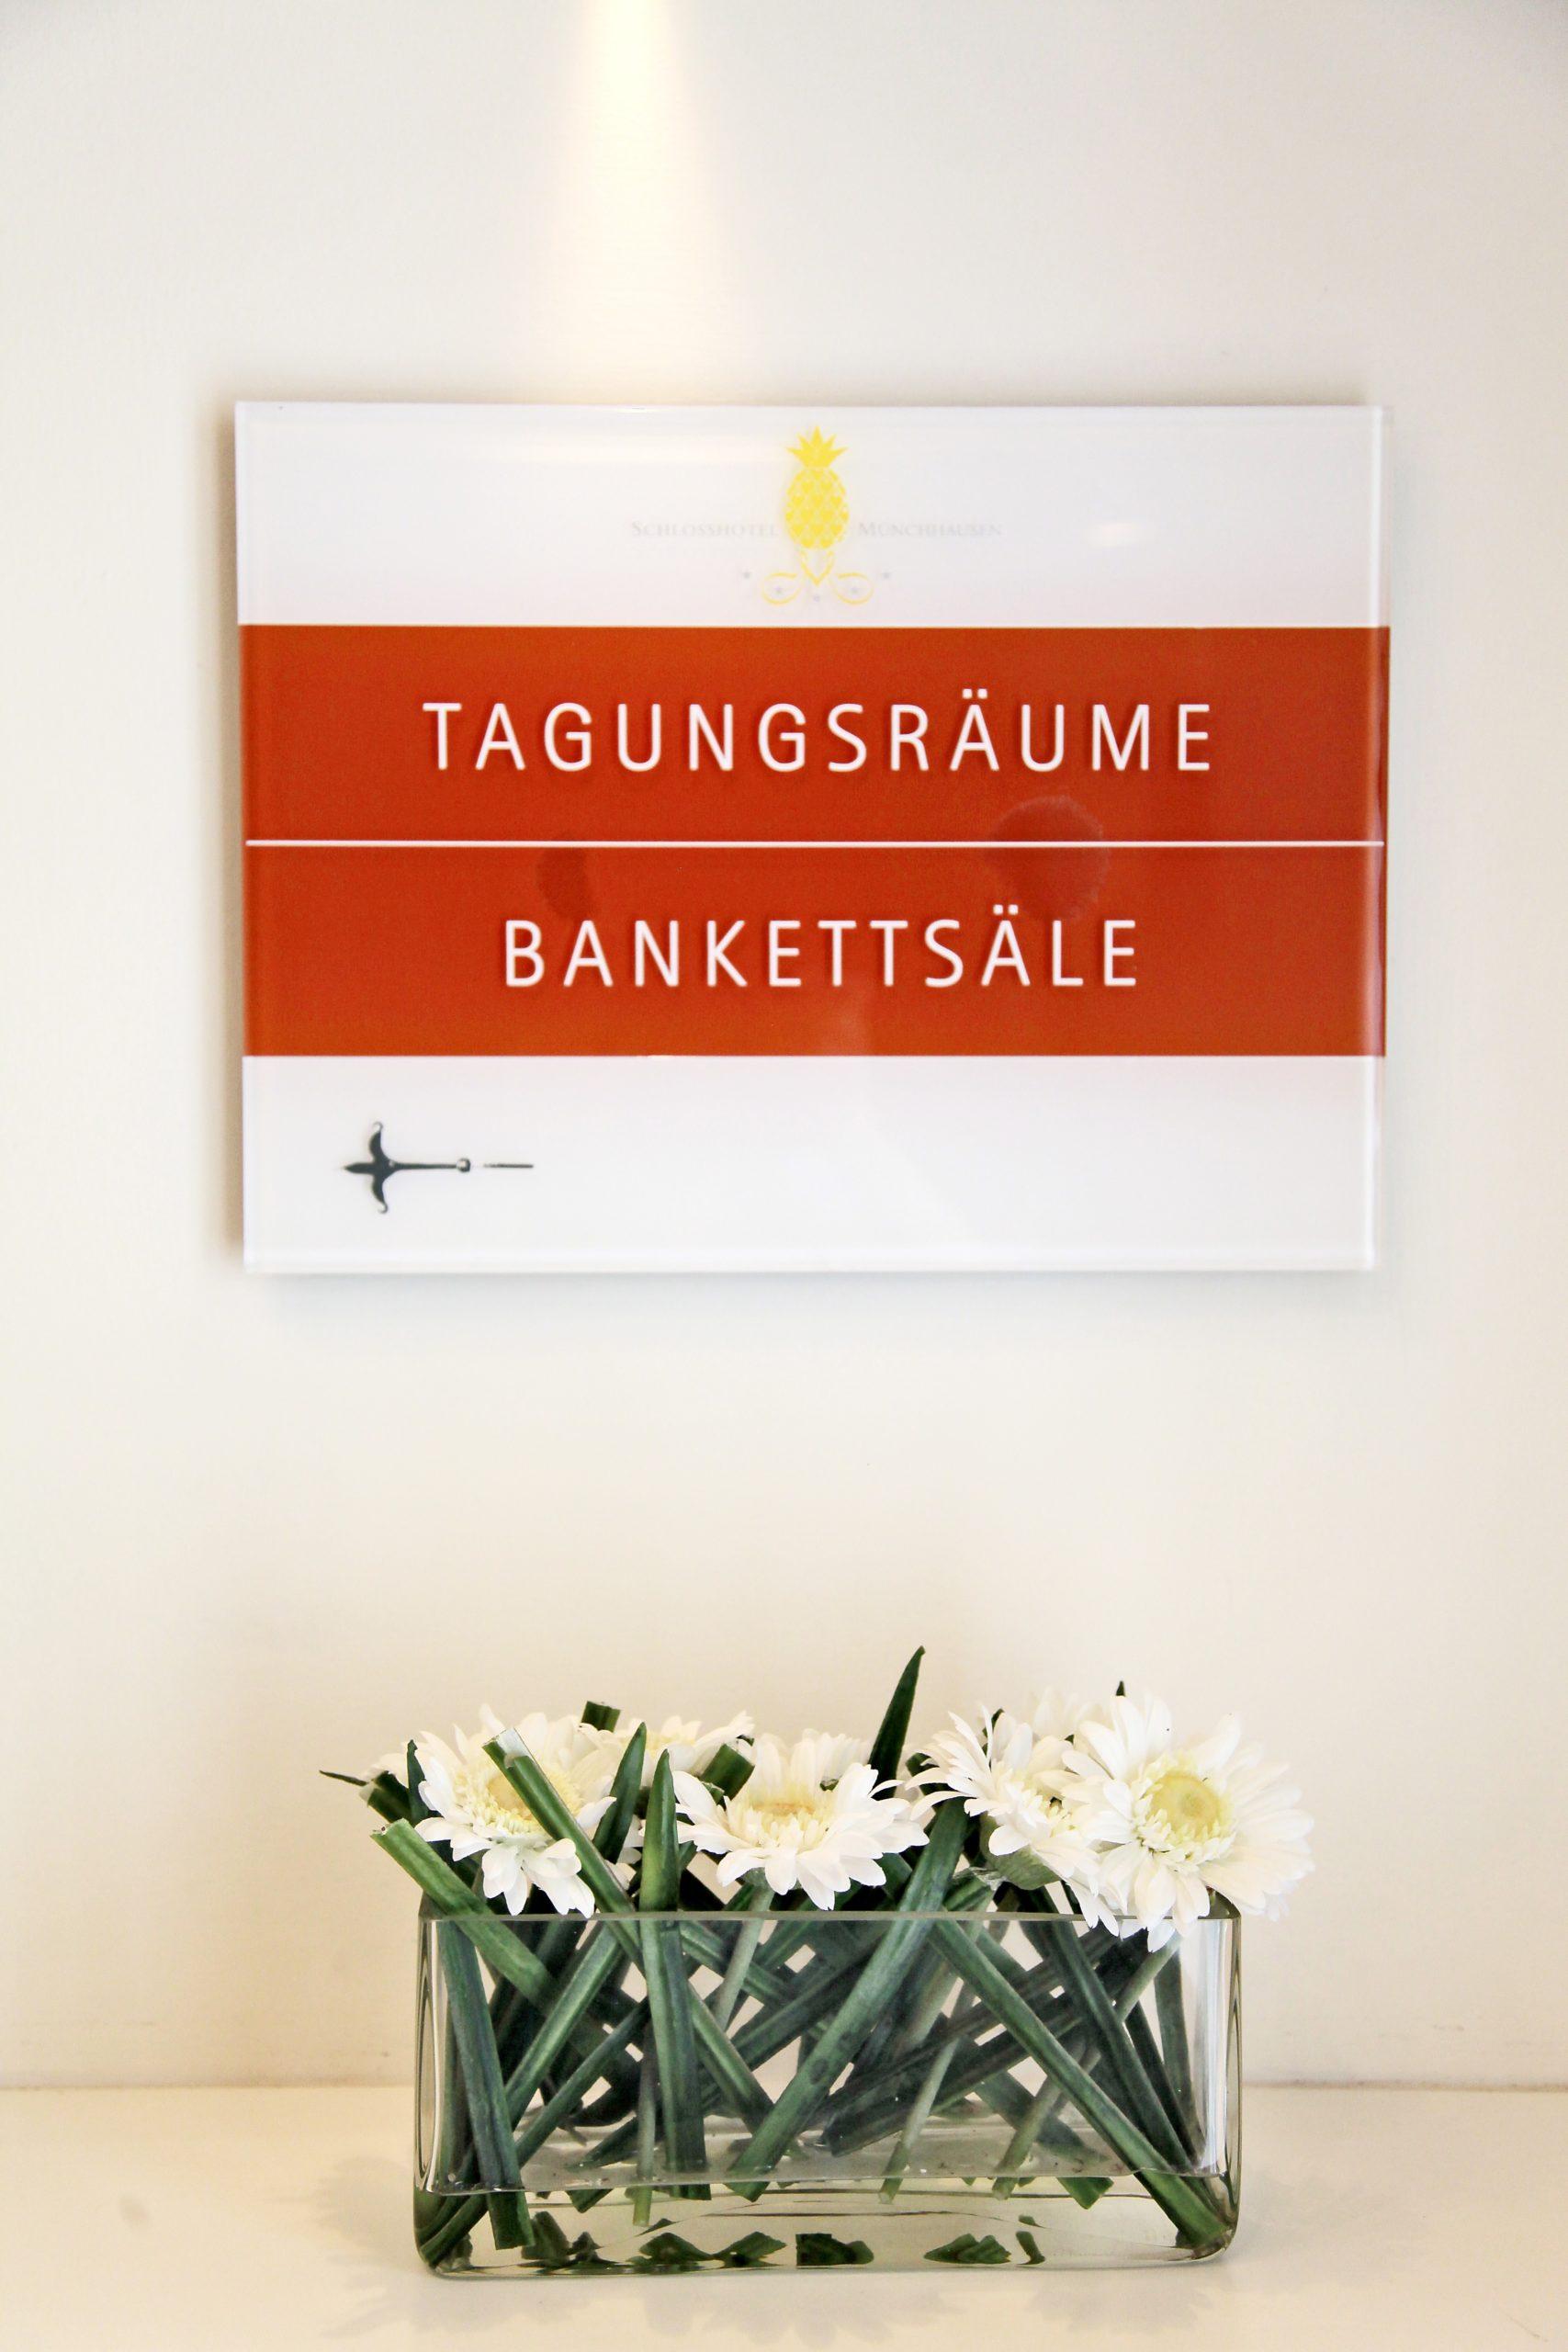 Tagungen-161-muenchhausen